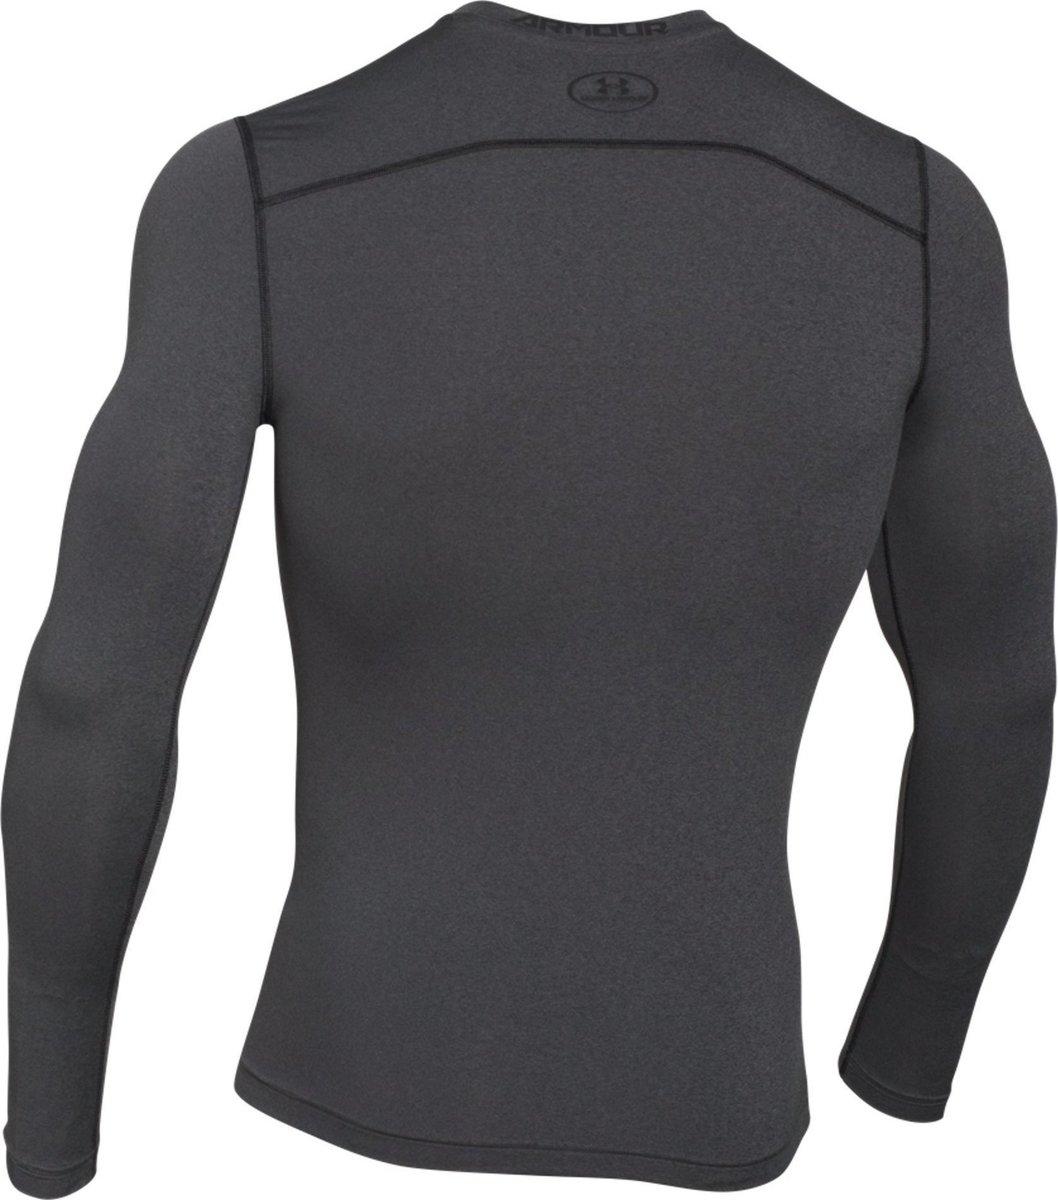 חולצה אנדר ארמור שרוול ארוך לגבר 1265650-090   Under Armour ColdGear® Compression long shirt